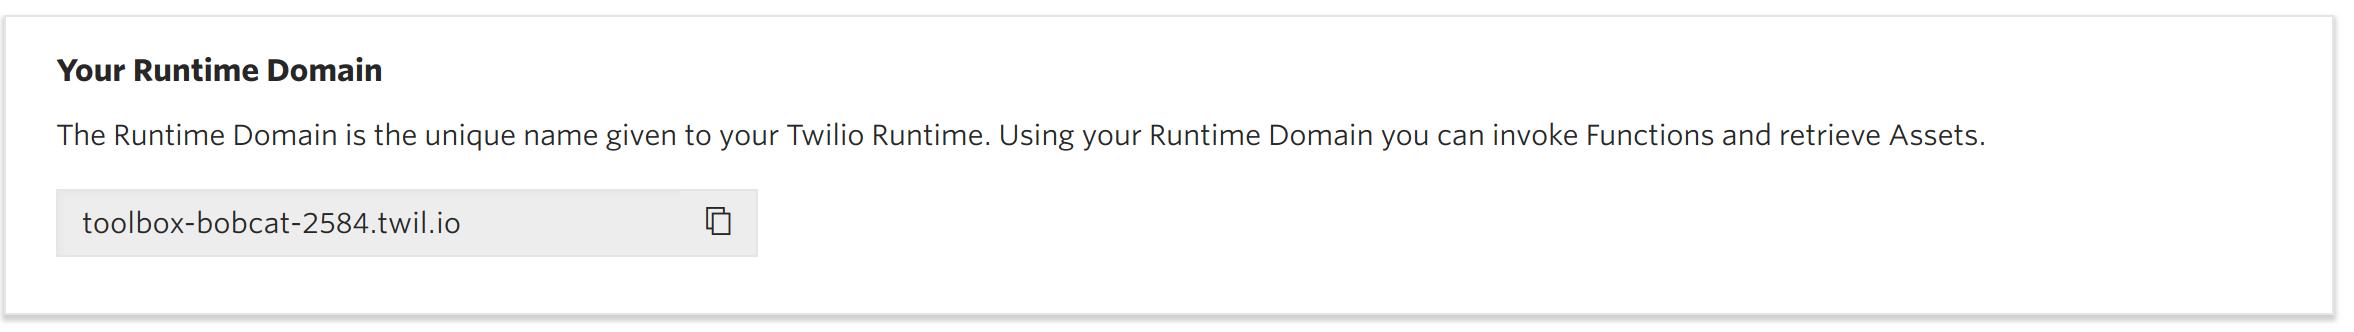 Twilio Runtime